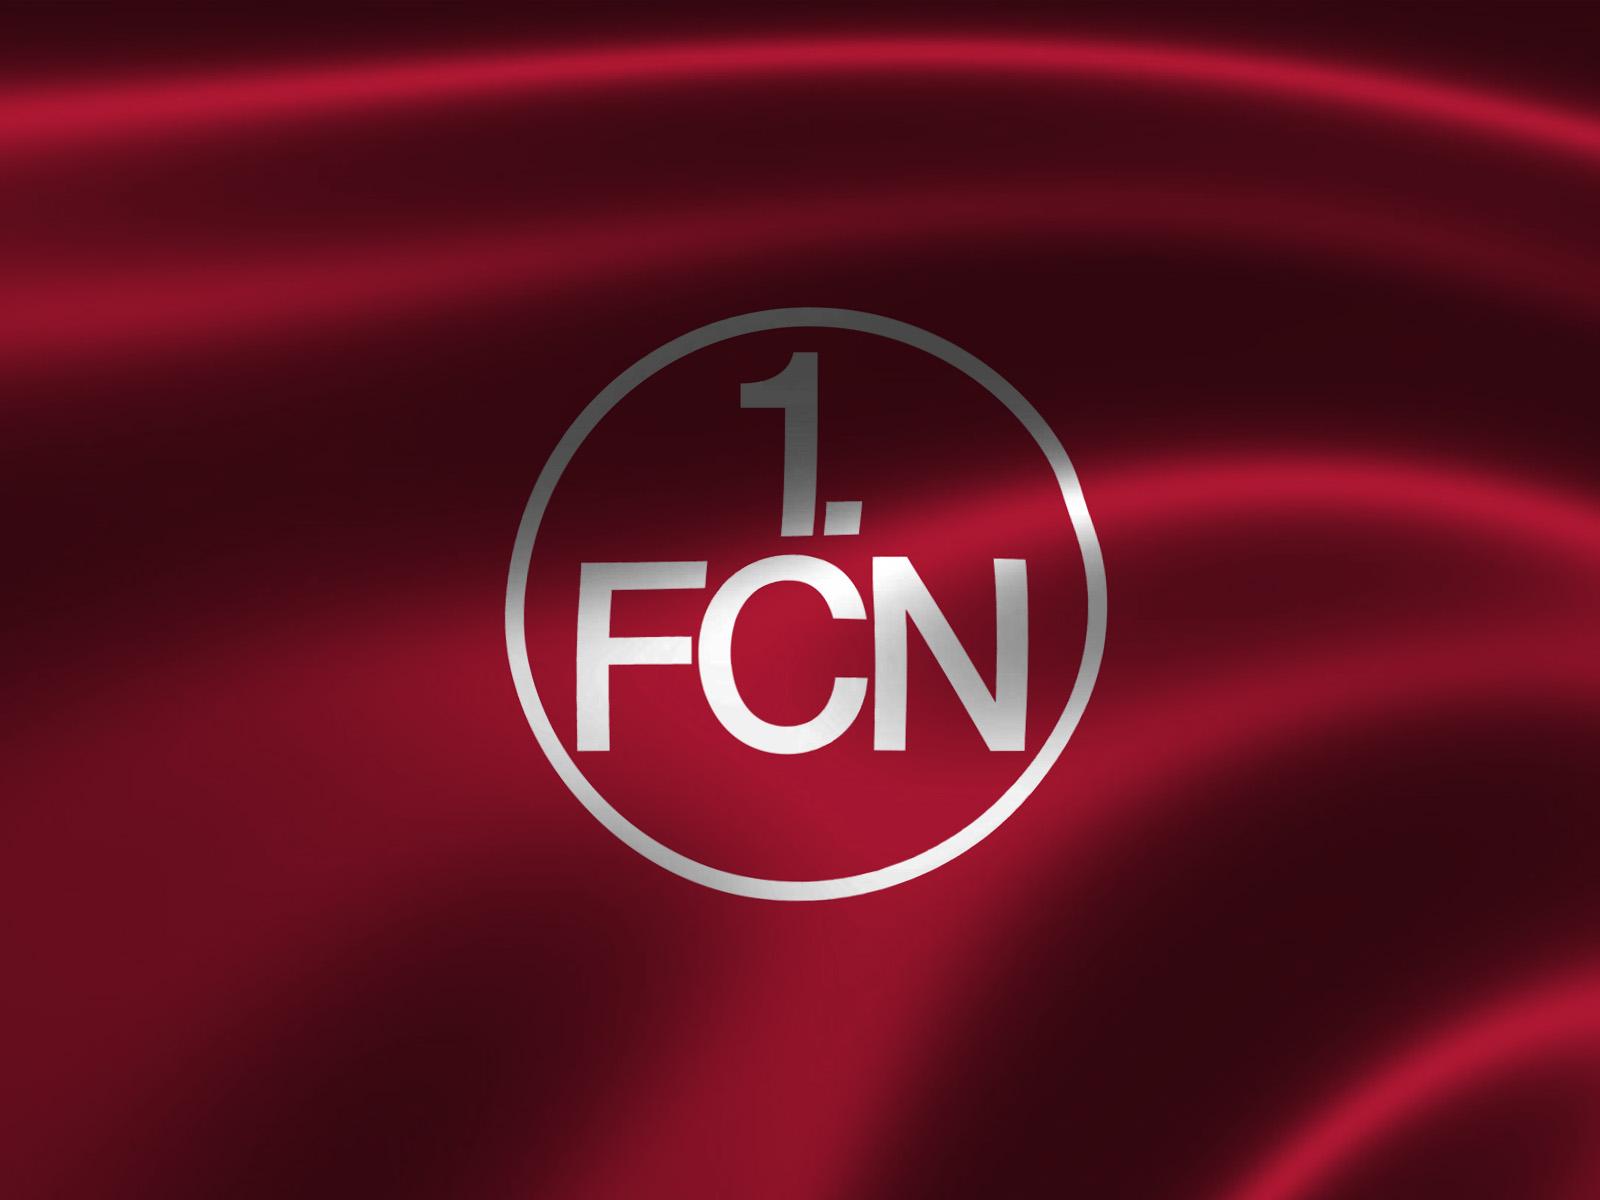 Bild 1 Fc Nürnberg